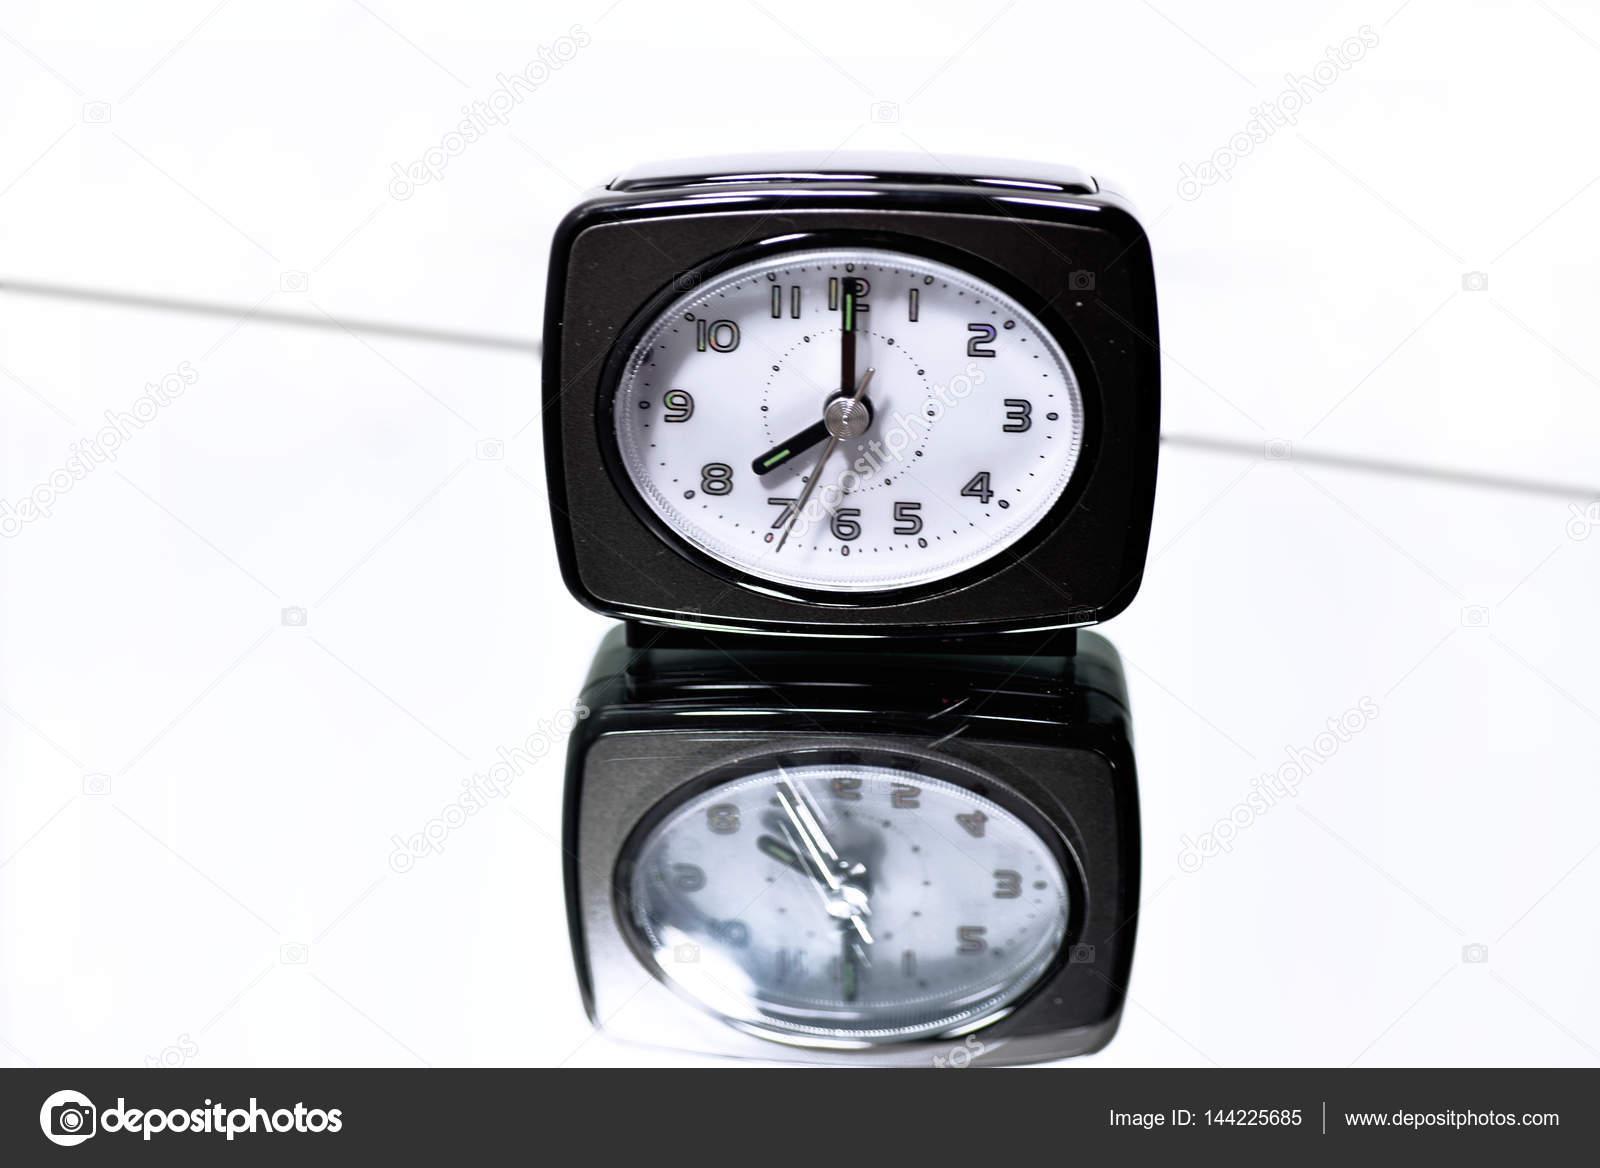 Spiegel Met Klok : Klok op spiegel met reflectie u2014 stockfoto © freedommaster #144225685